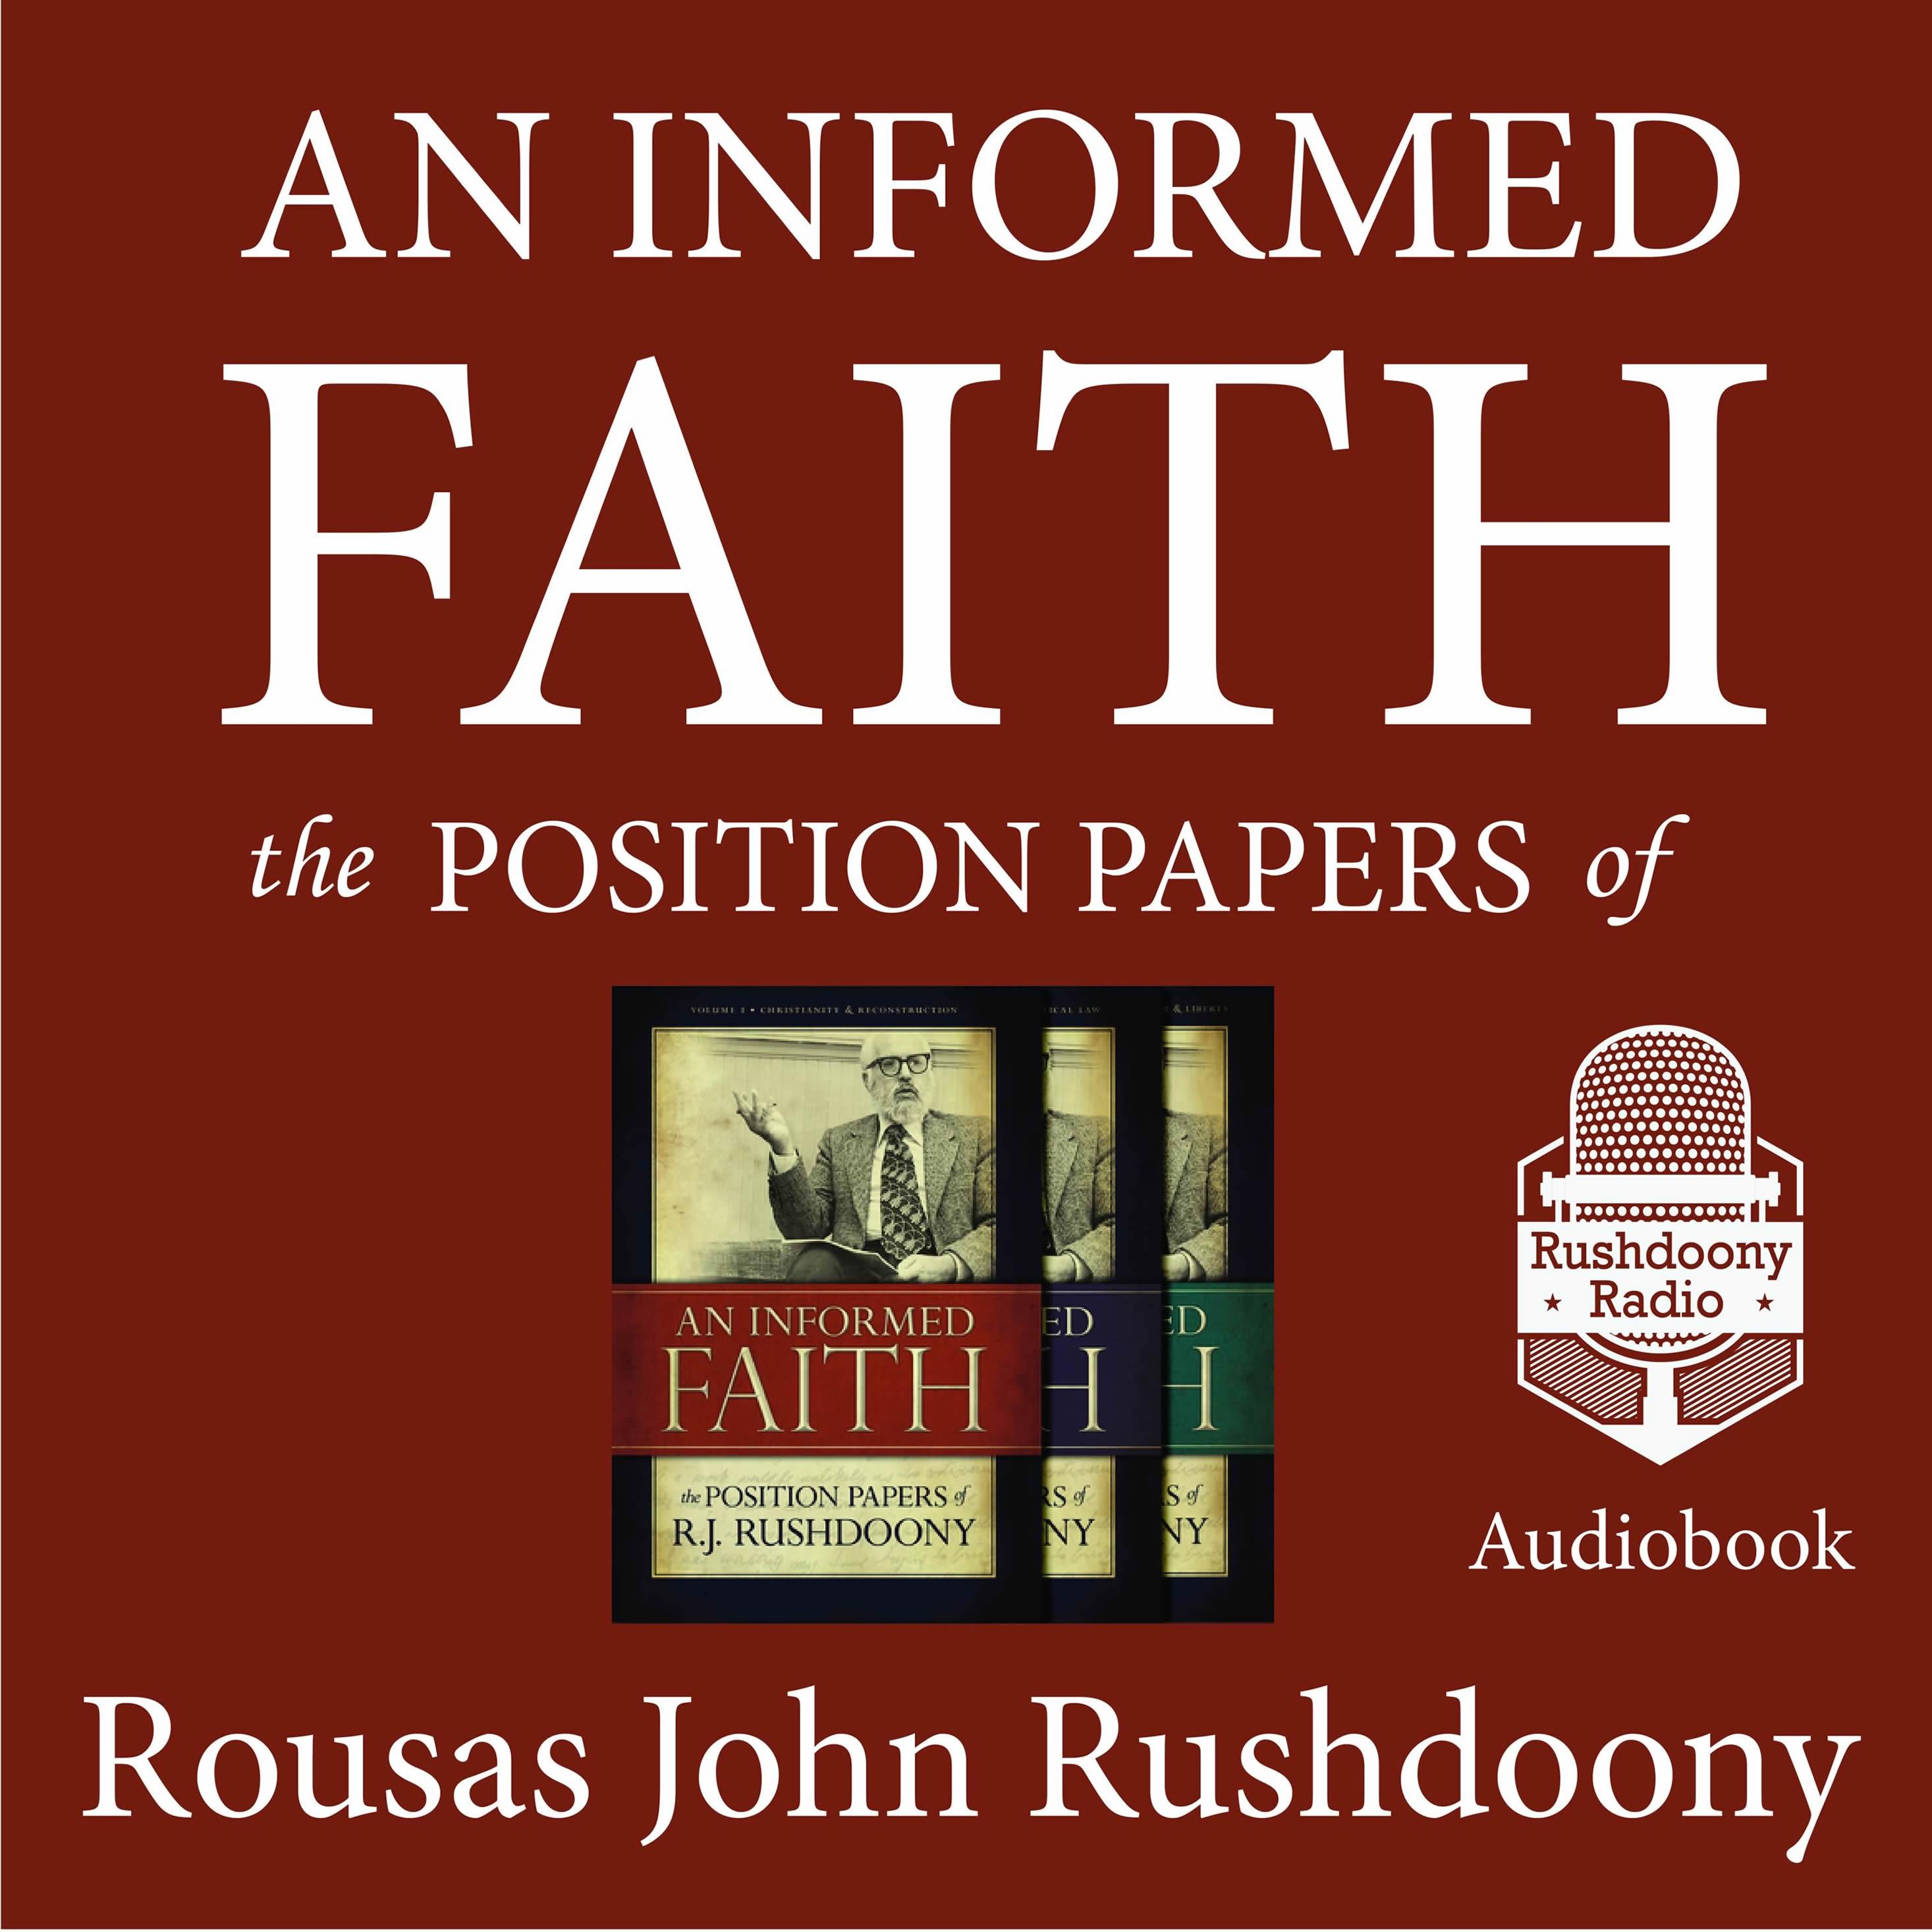 An Informed Faith | Rushdoony Radio